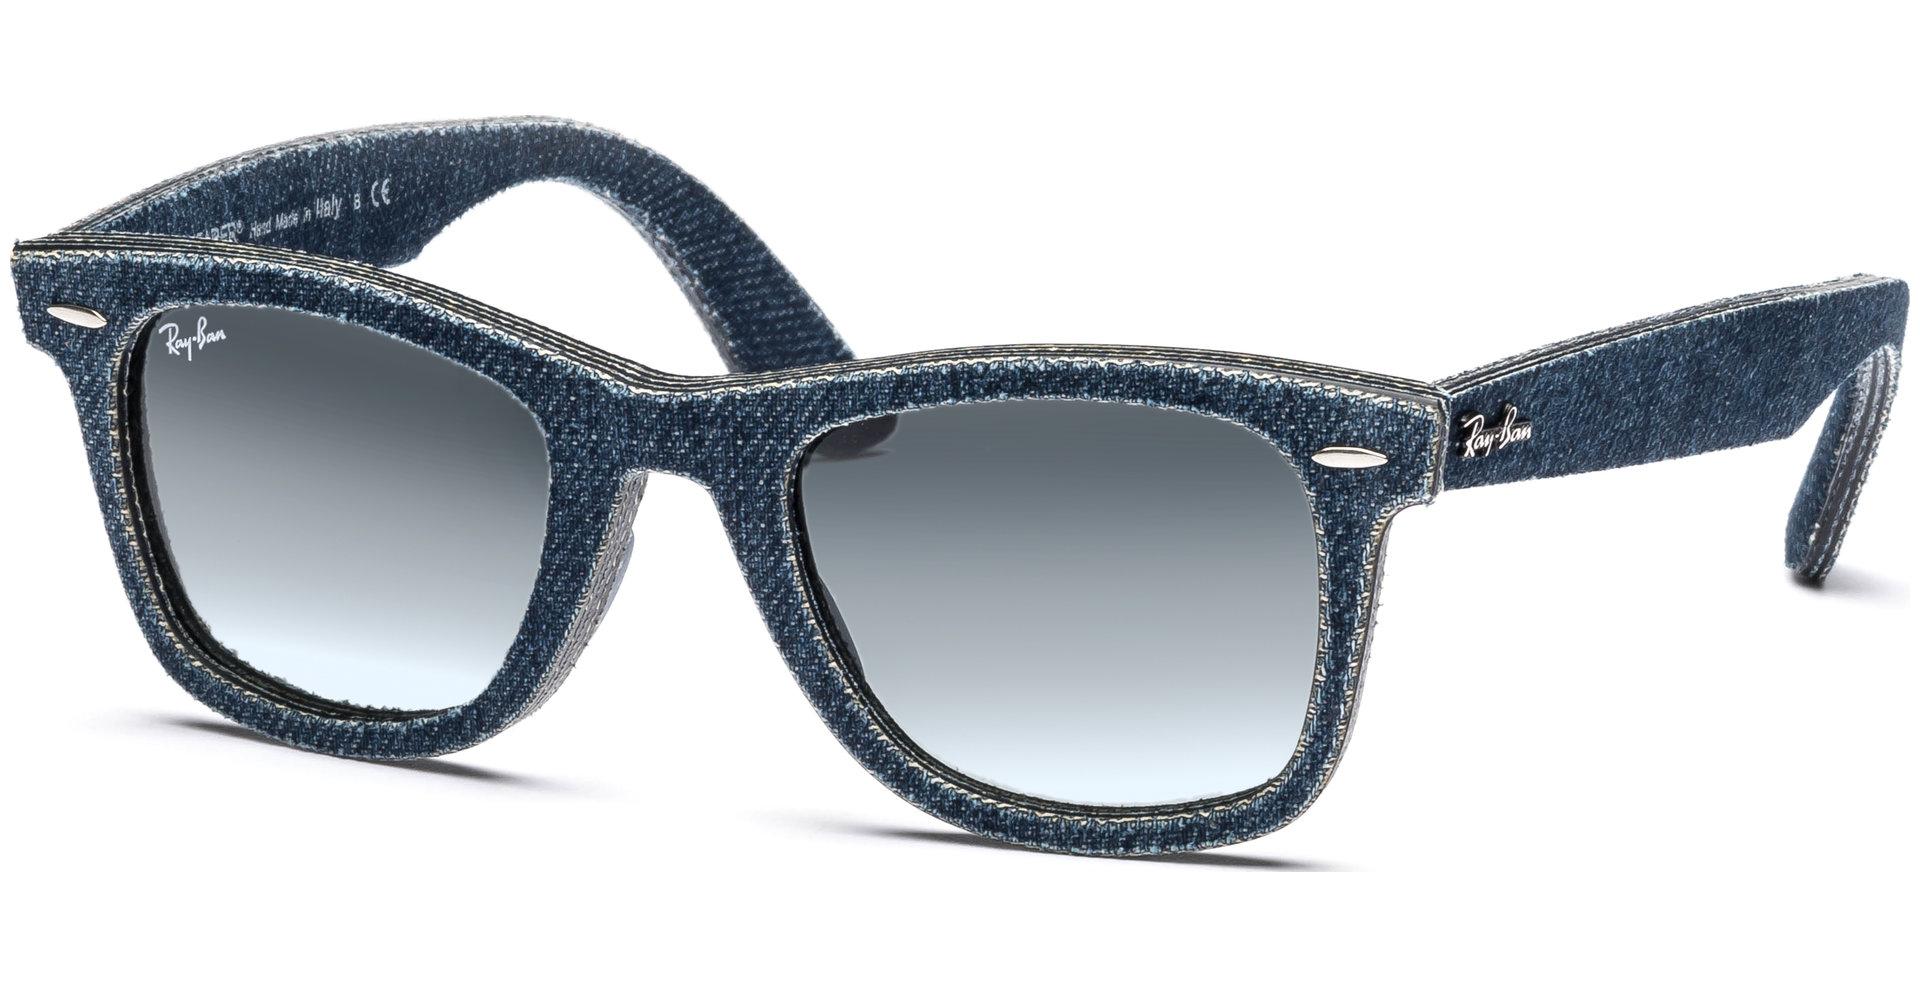 ray ban denim wayfarer 2140 116371 5022 jeans grey. Black Bedroom Furniture Sets. Home Design Ideas